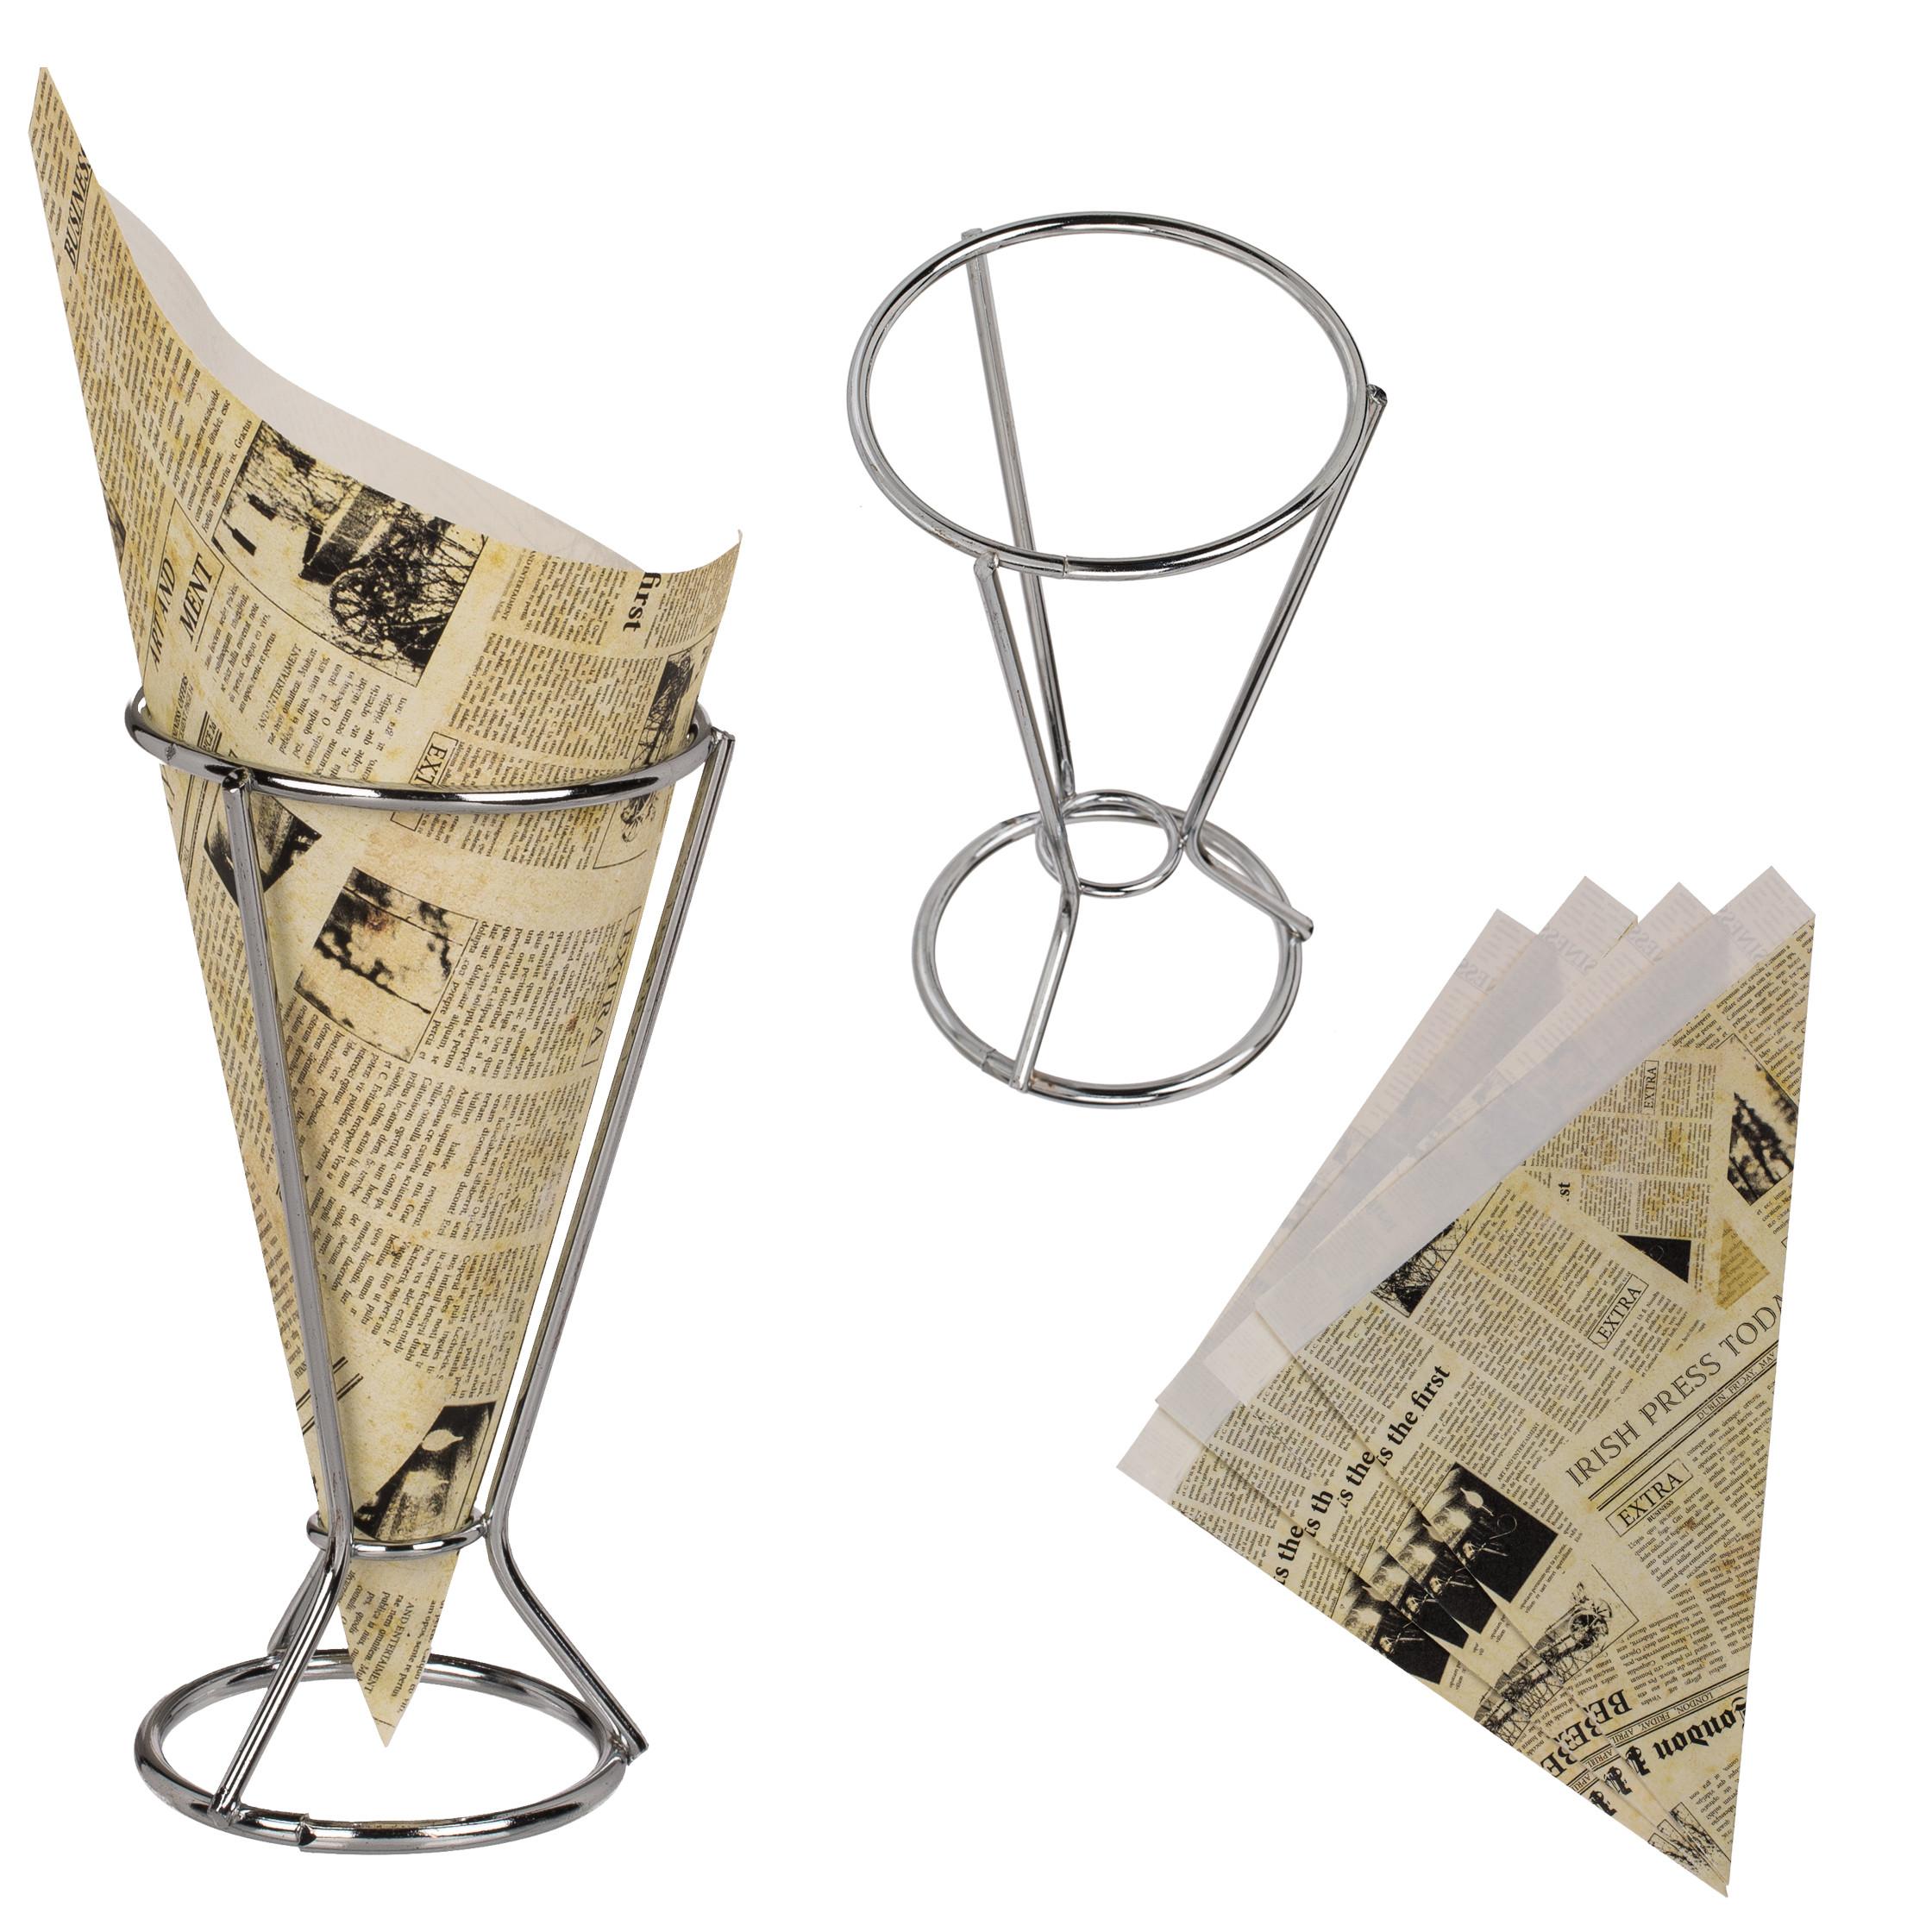 Metall-Tütenhalter für Pommes-Frites inklusive 5 Spitztüten im Zeitungsdesign